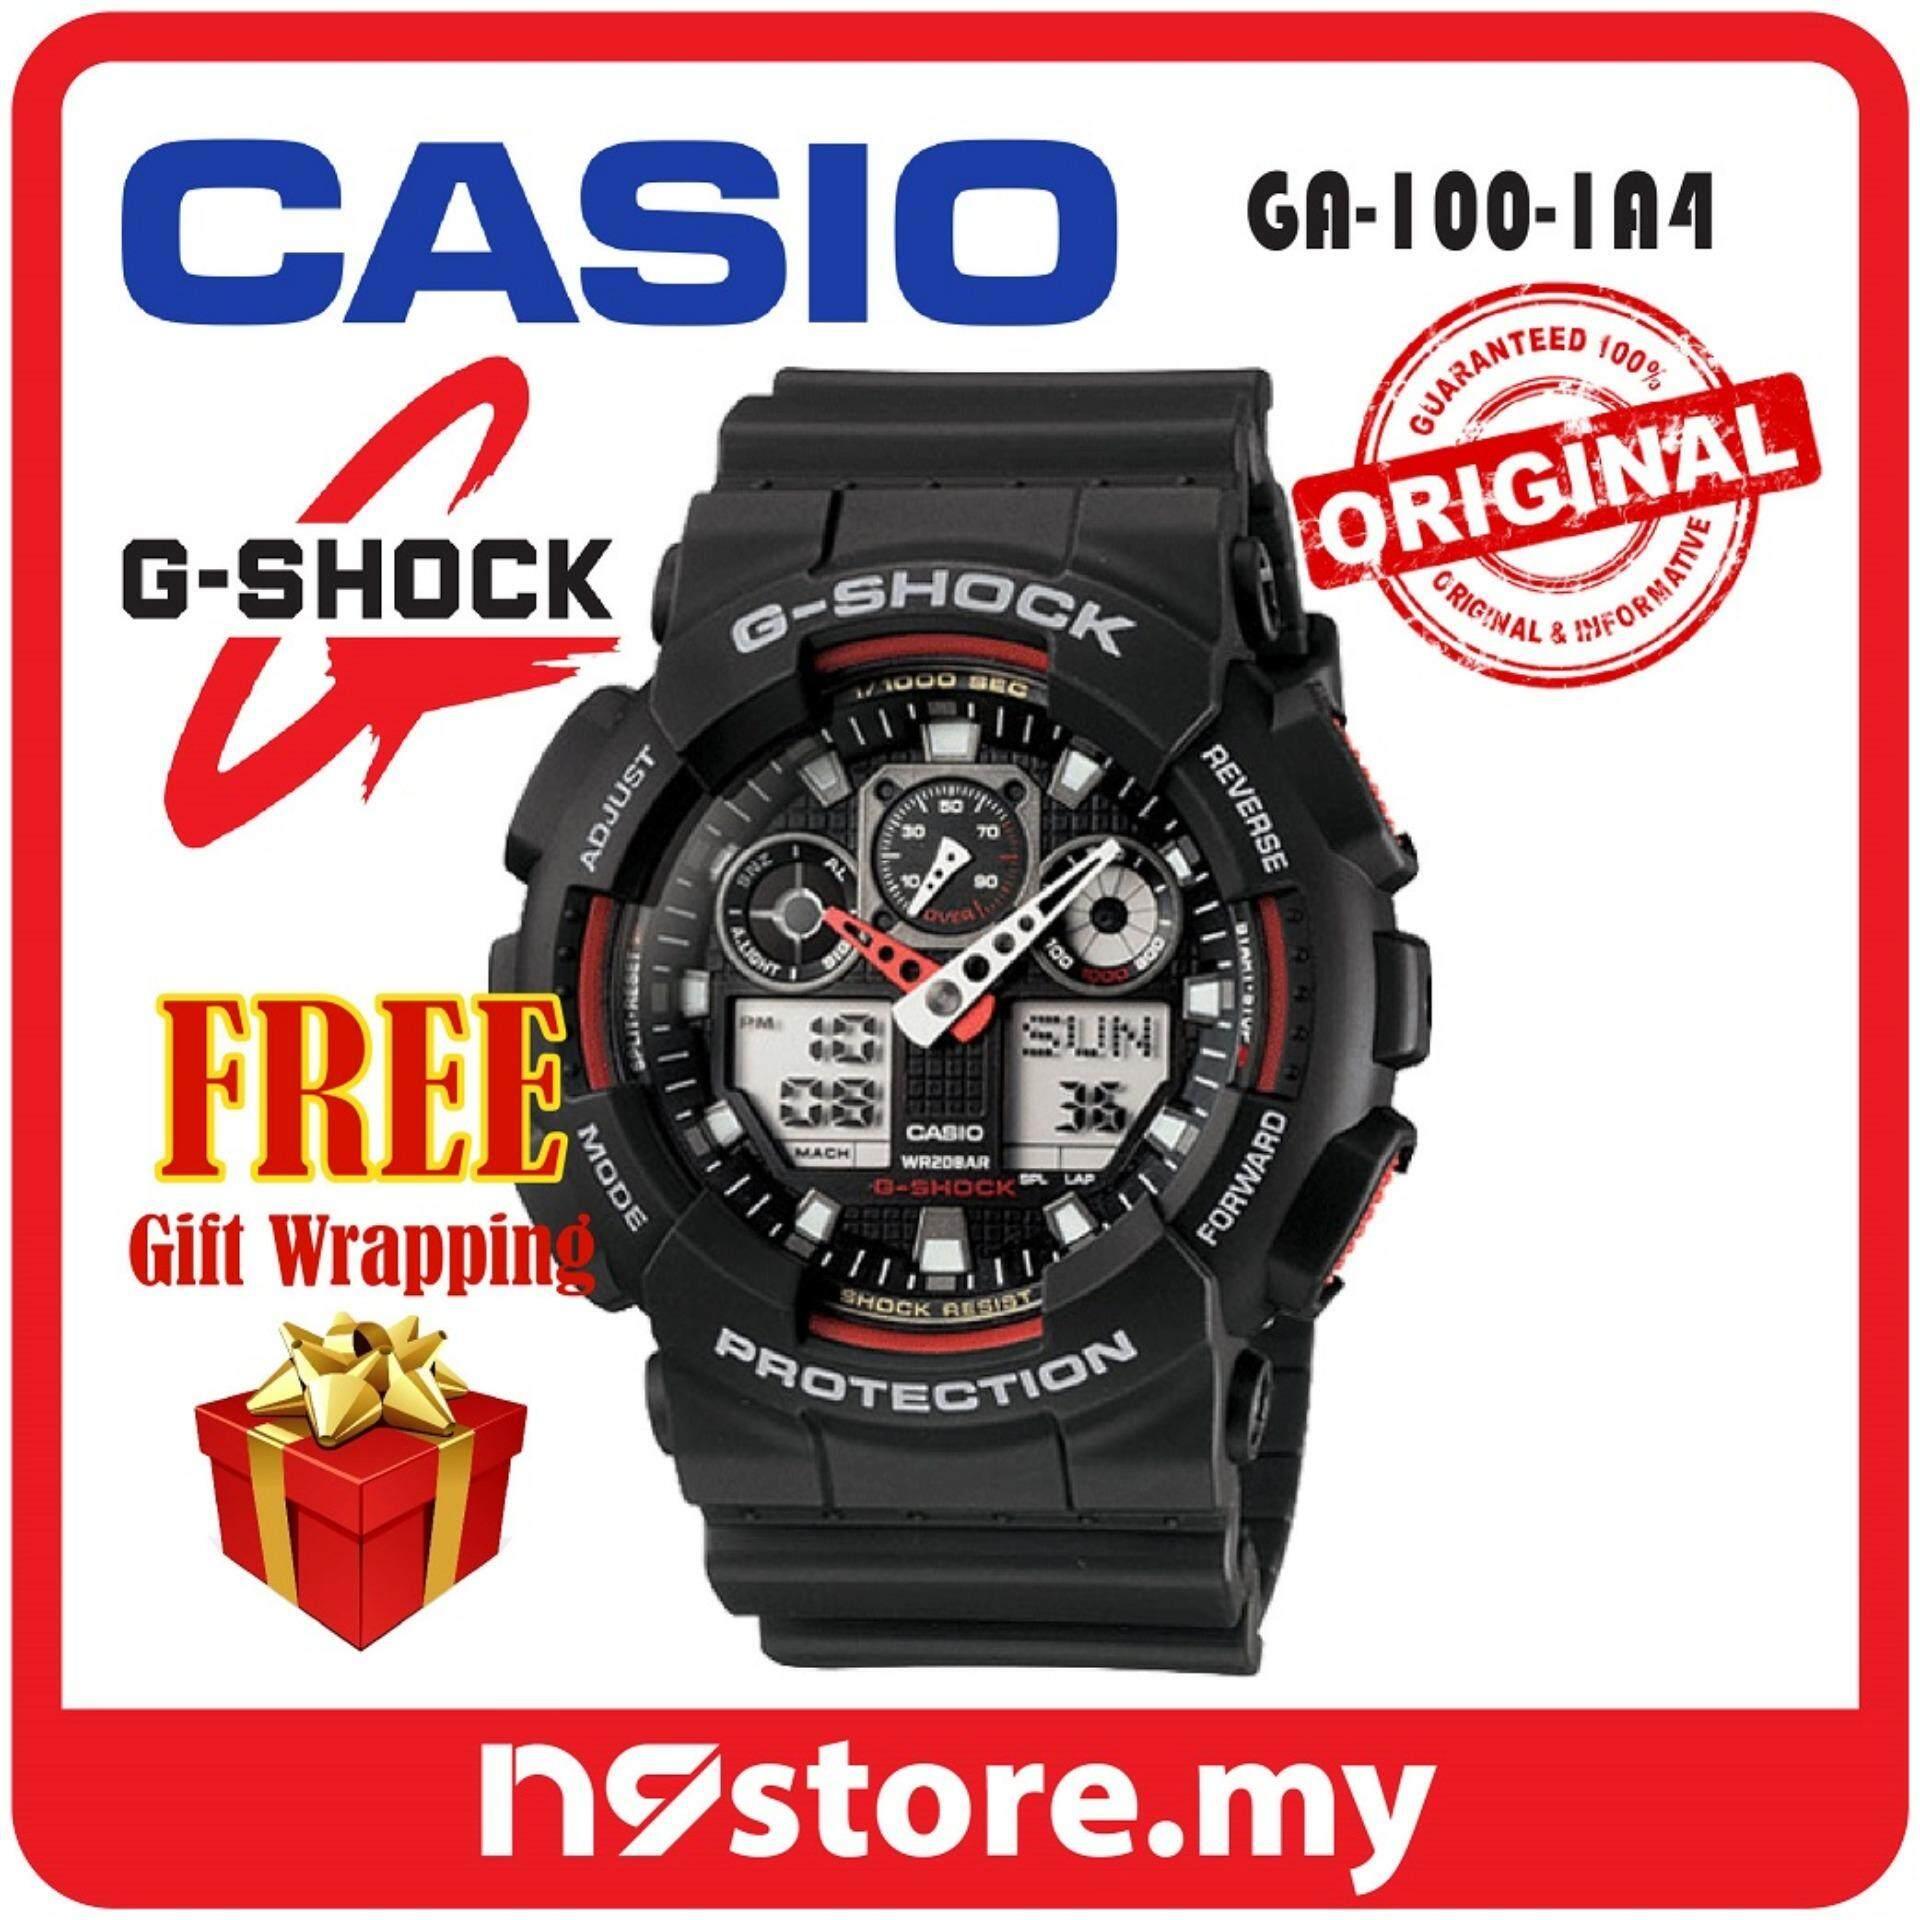 Casio G-Shock GA-100-1A4 Analog Digital Sports Watch